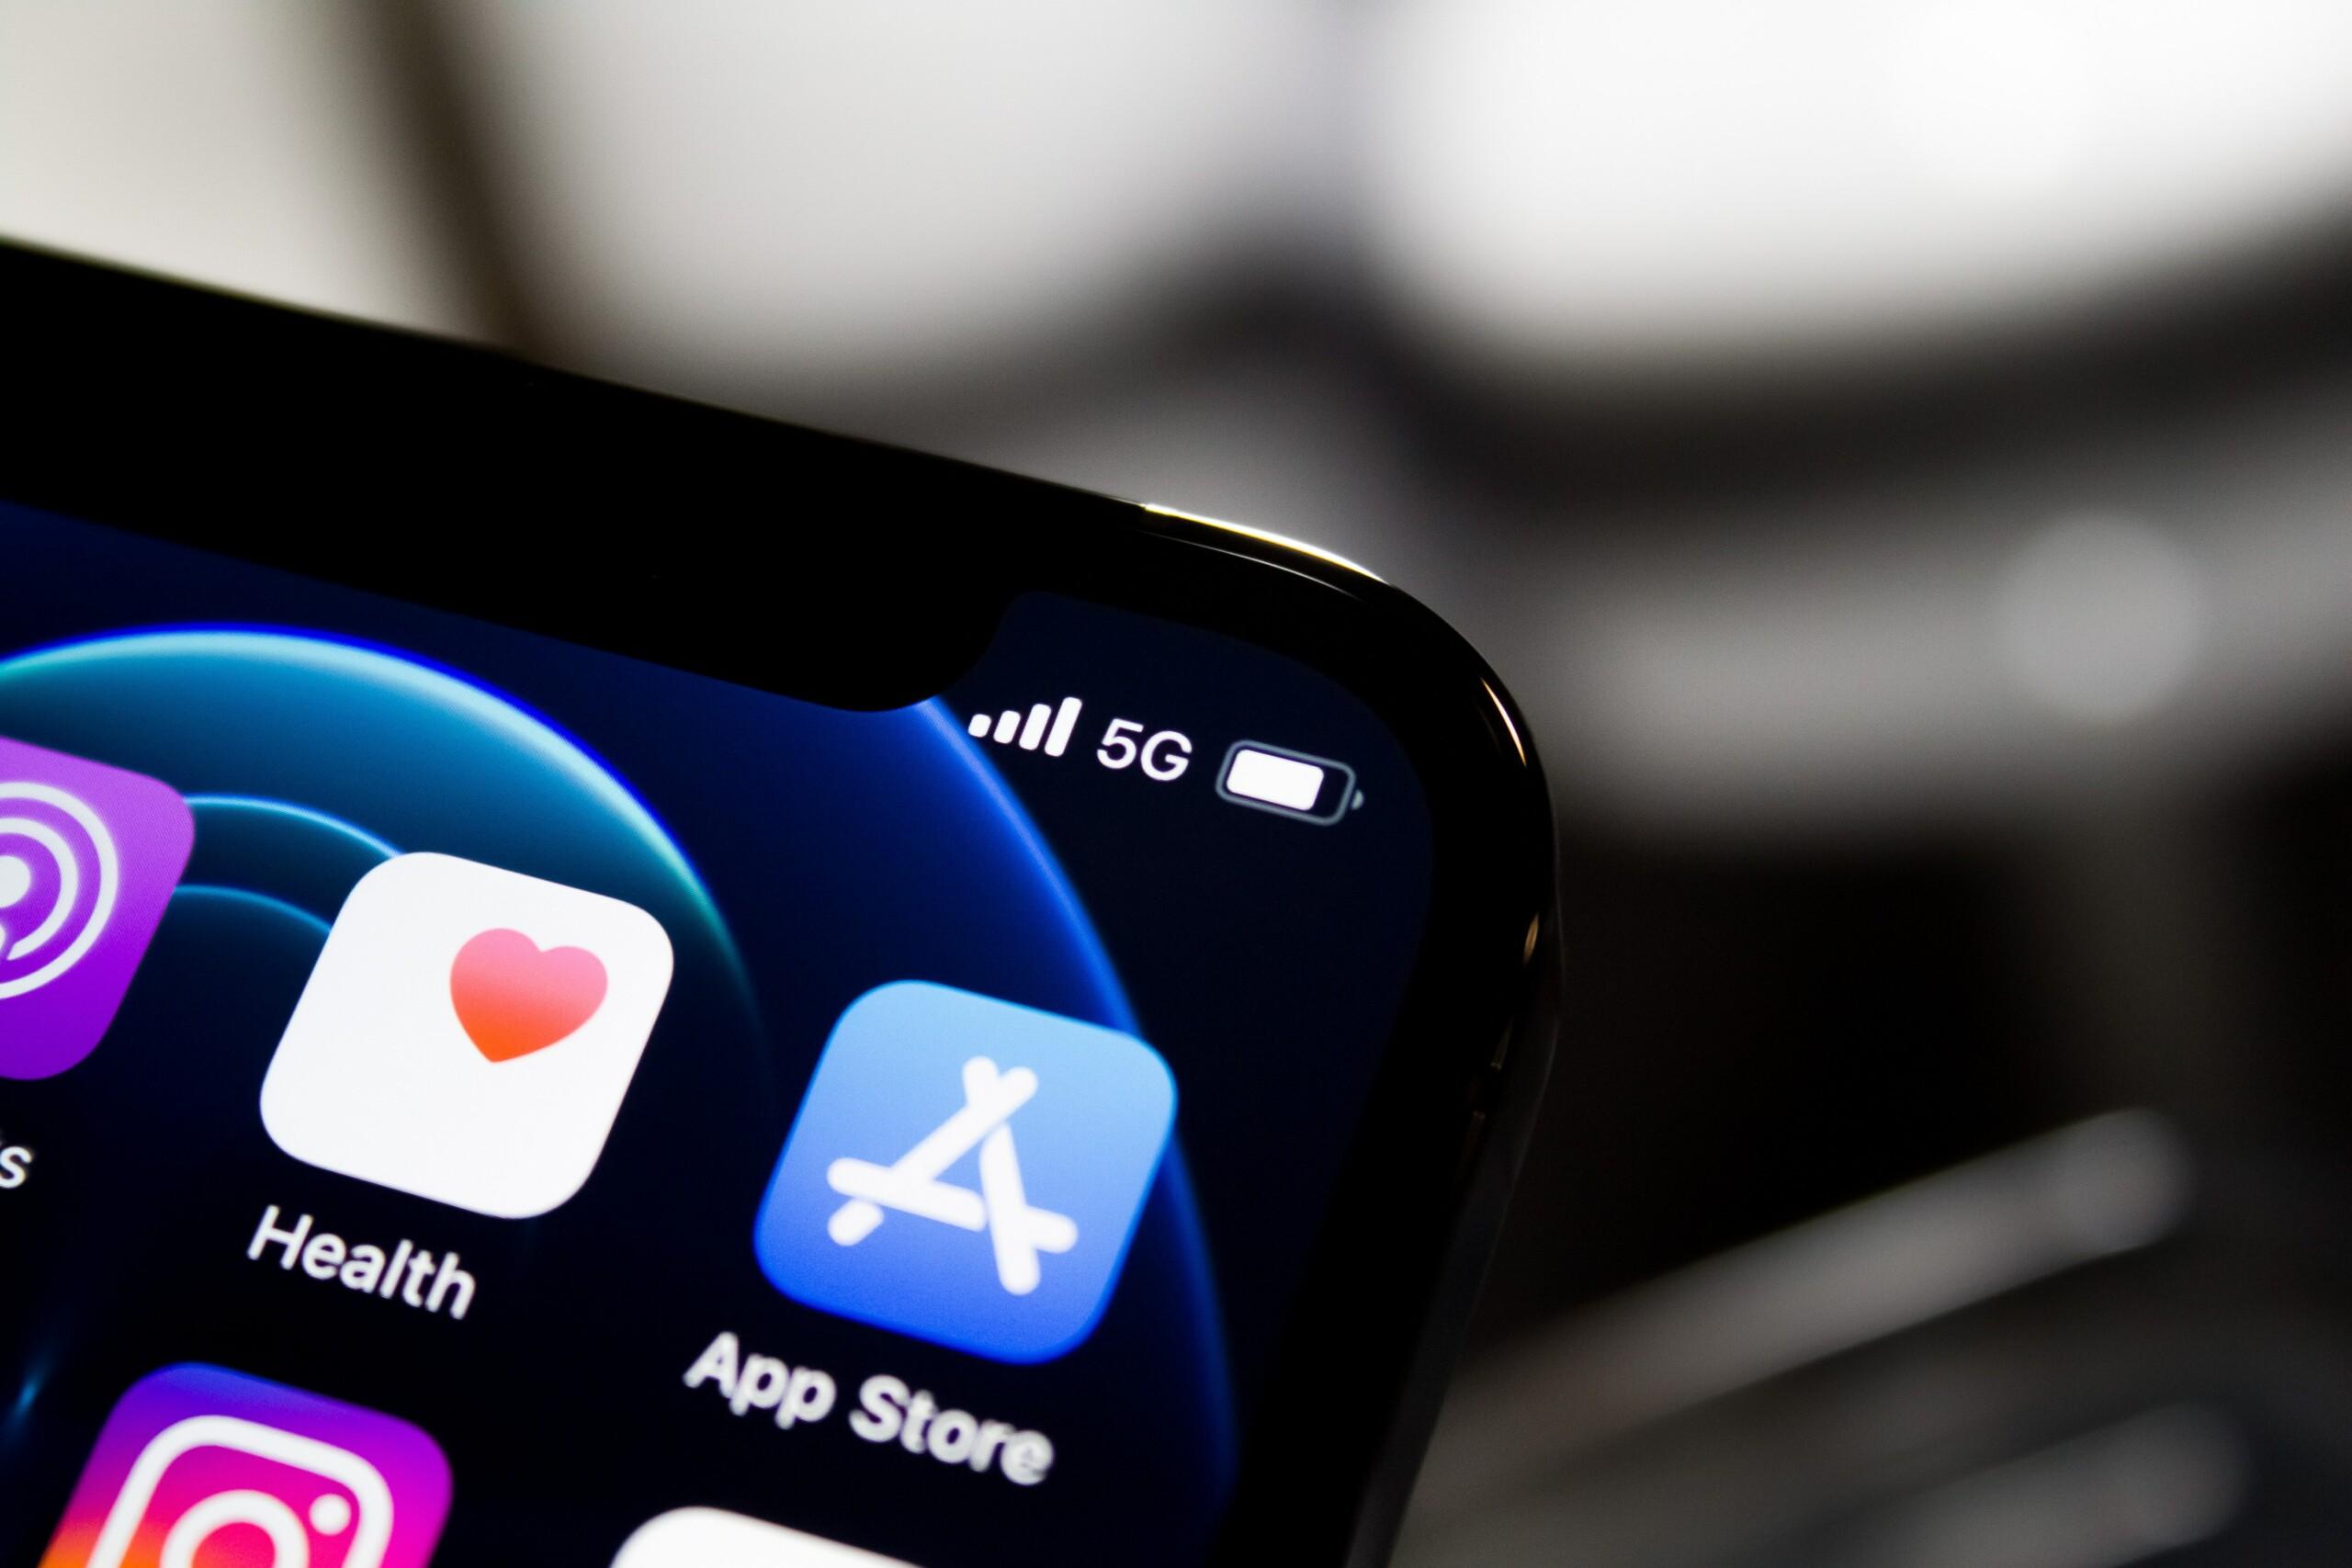 C'est rare une baisse de prix chez Apple, les applications et jeux vont être moins chers